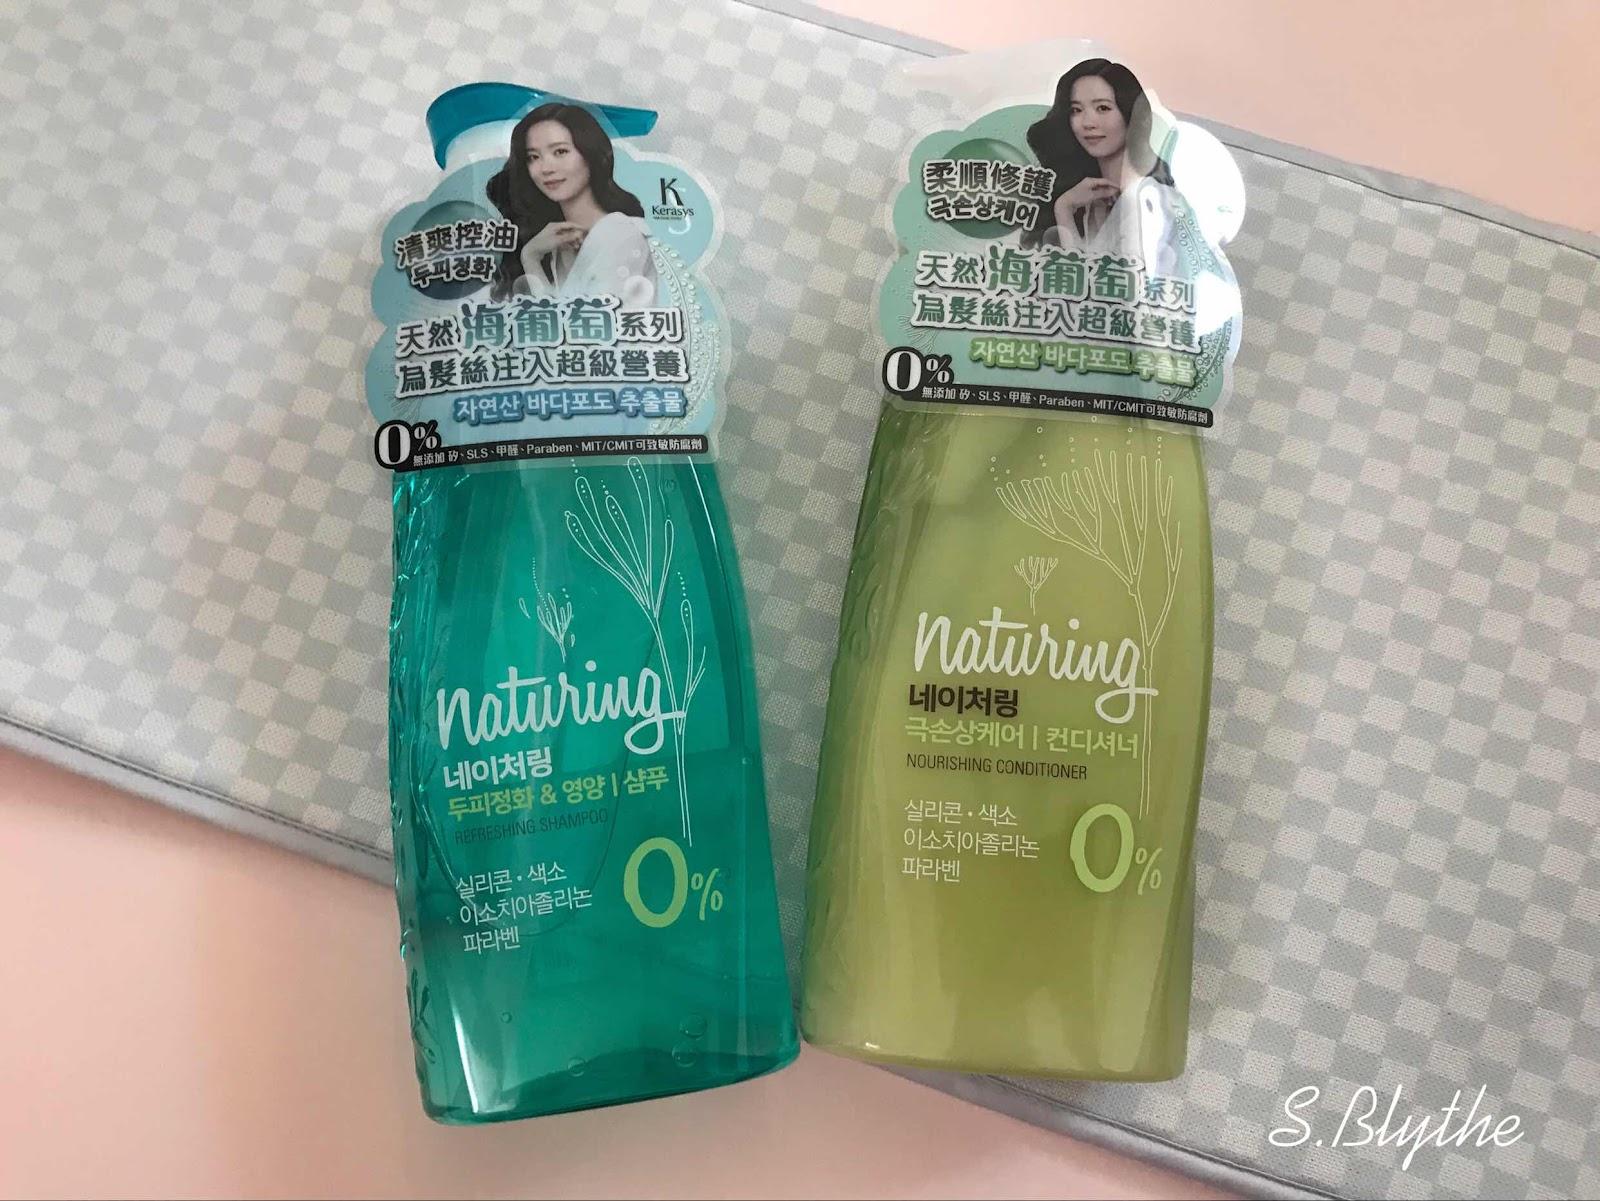 清爽滋潤,KeraSys Naturing 海葡萄洗髮護髮系列